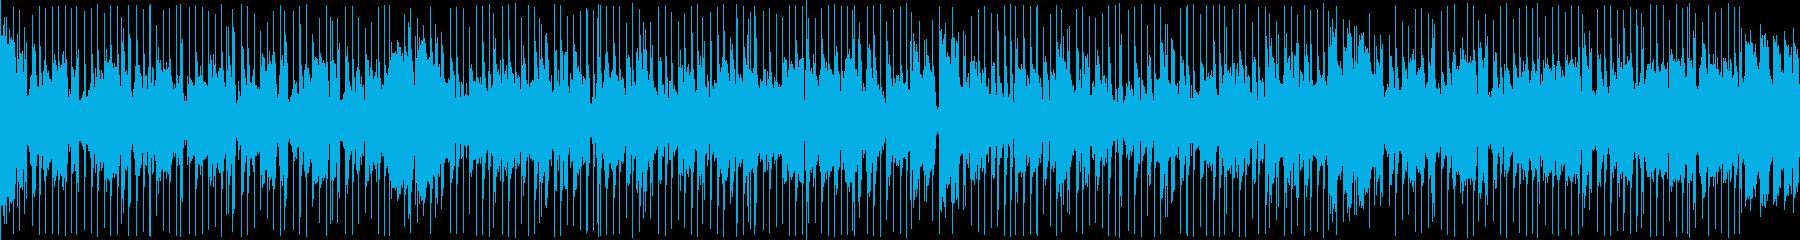 リラックススムースジャズの再生済みの波形